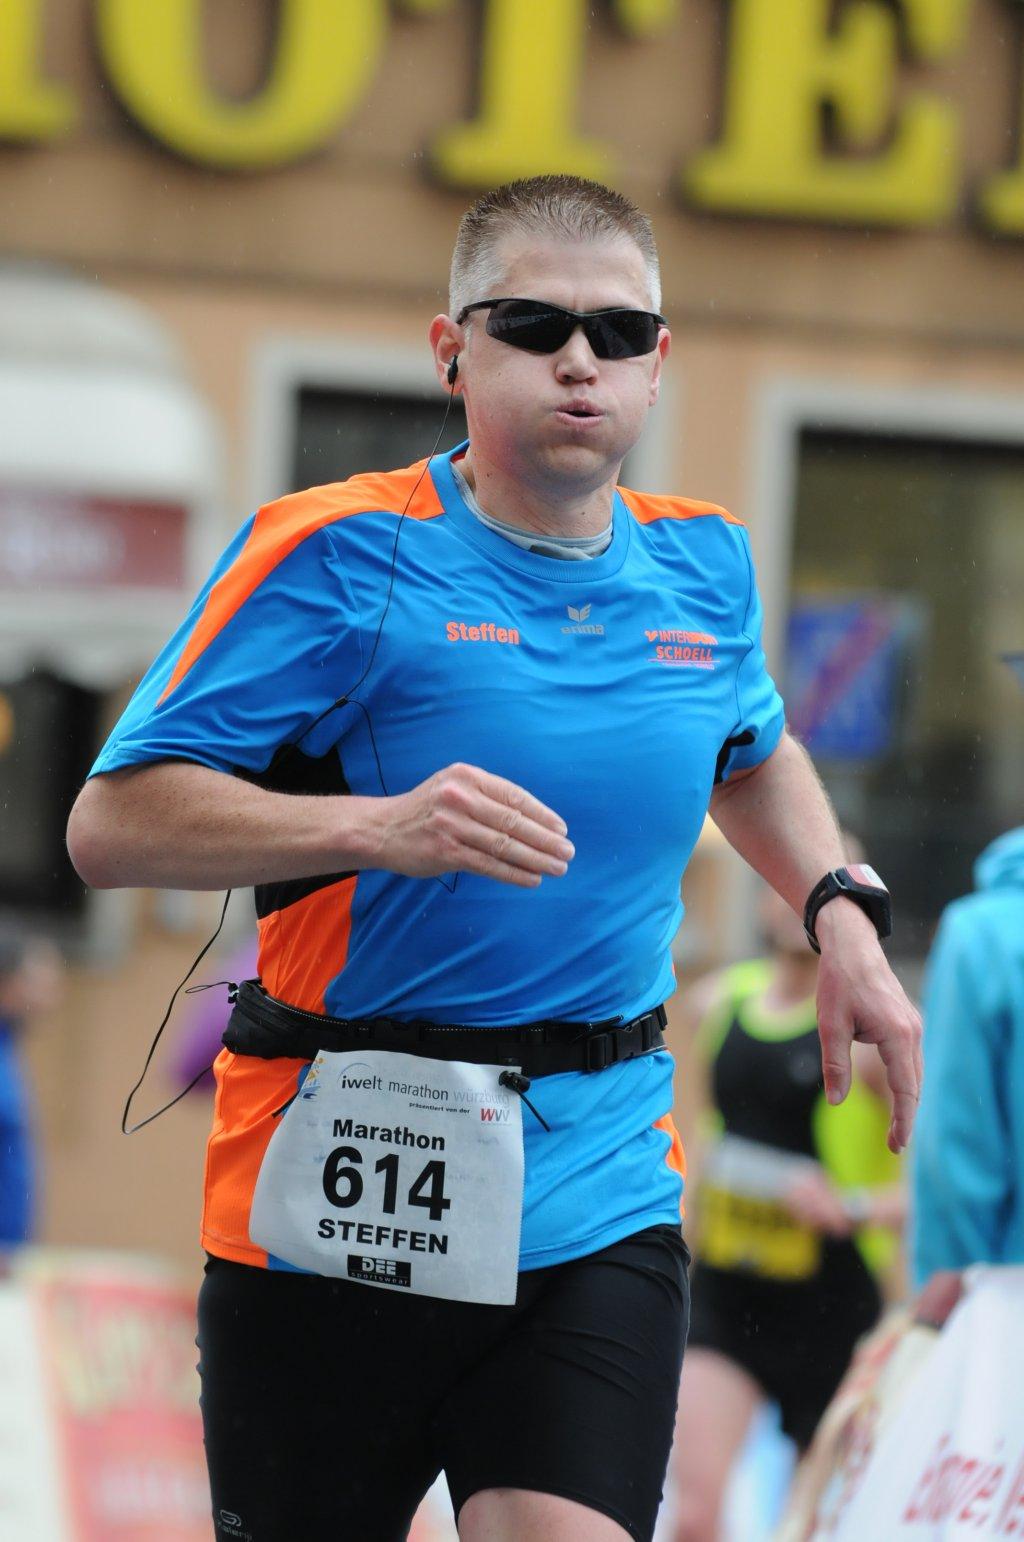 So dicke Backen mach ich bei km 42,1 - iWelt Marathon Würzburg